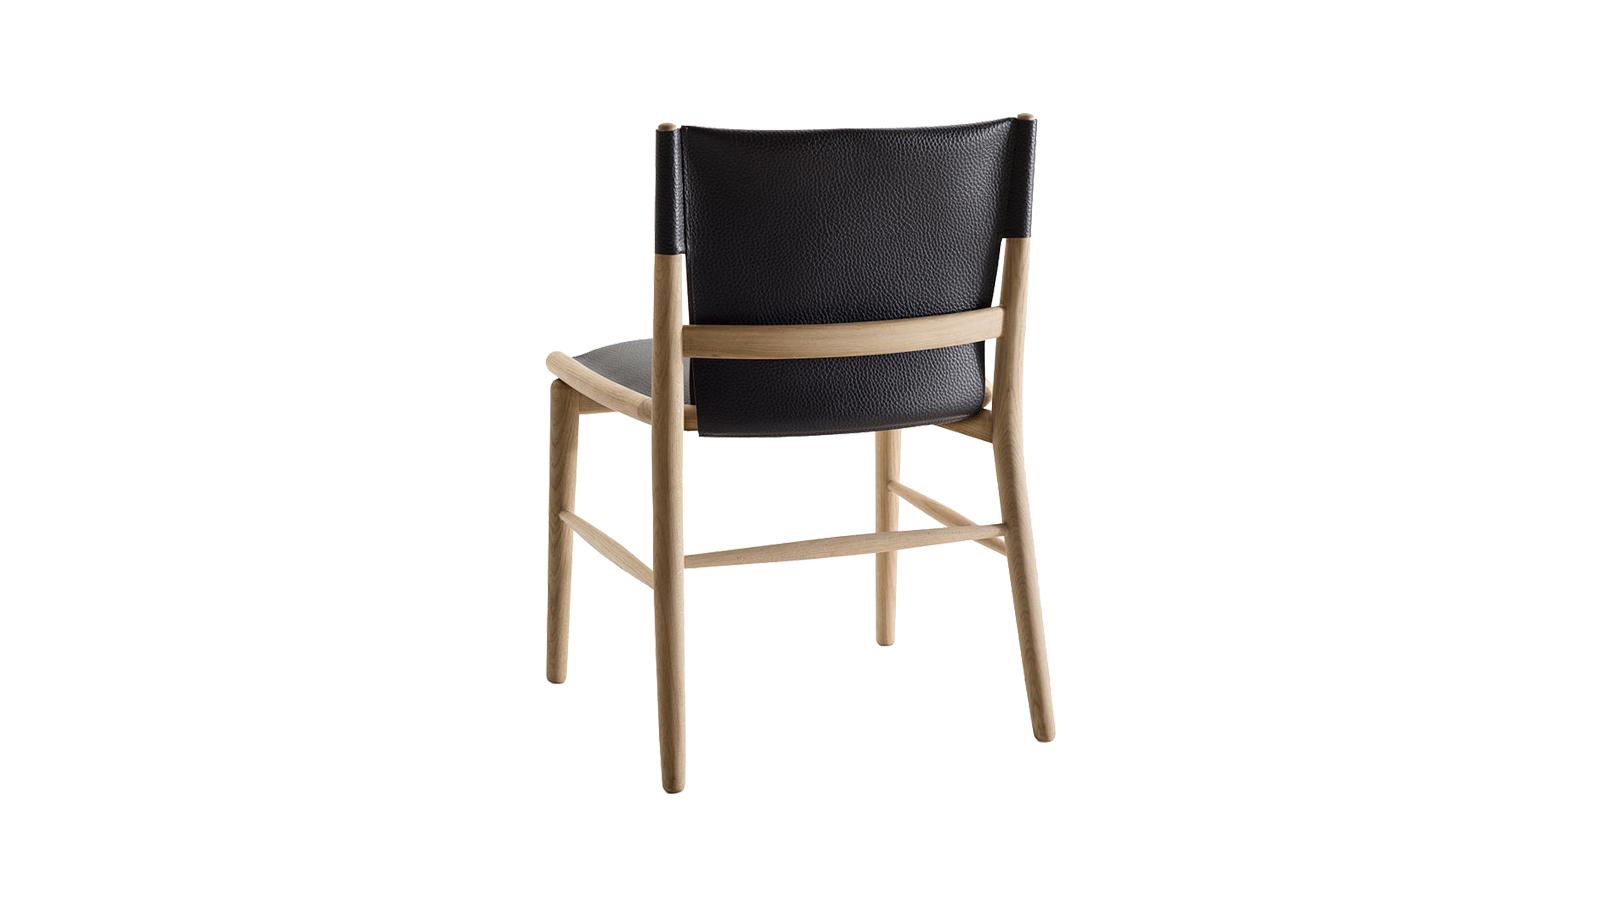 A Jens szék egyedi báját az adja, hogy megjelenése számos korból merít. Magán viseli a 19. század ún. shaker székeinek, az 1950-es évek stílusának jellemzőit, valamint a Ming tárgykultúrájának vonásait is. A fa mesteri megmunkálása és a bőrülés együttese olyasmire vállalkozik, amit kevés bútor mondhat el magáról: a megkapó, mégis funkcionális, valamint ergonomikus, mégis stabil design megvalósítására. Kartámasszal és anélkül is kapható.